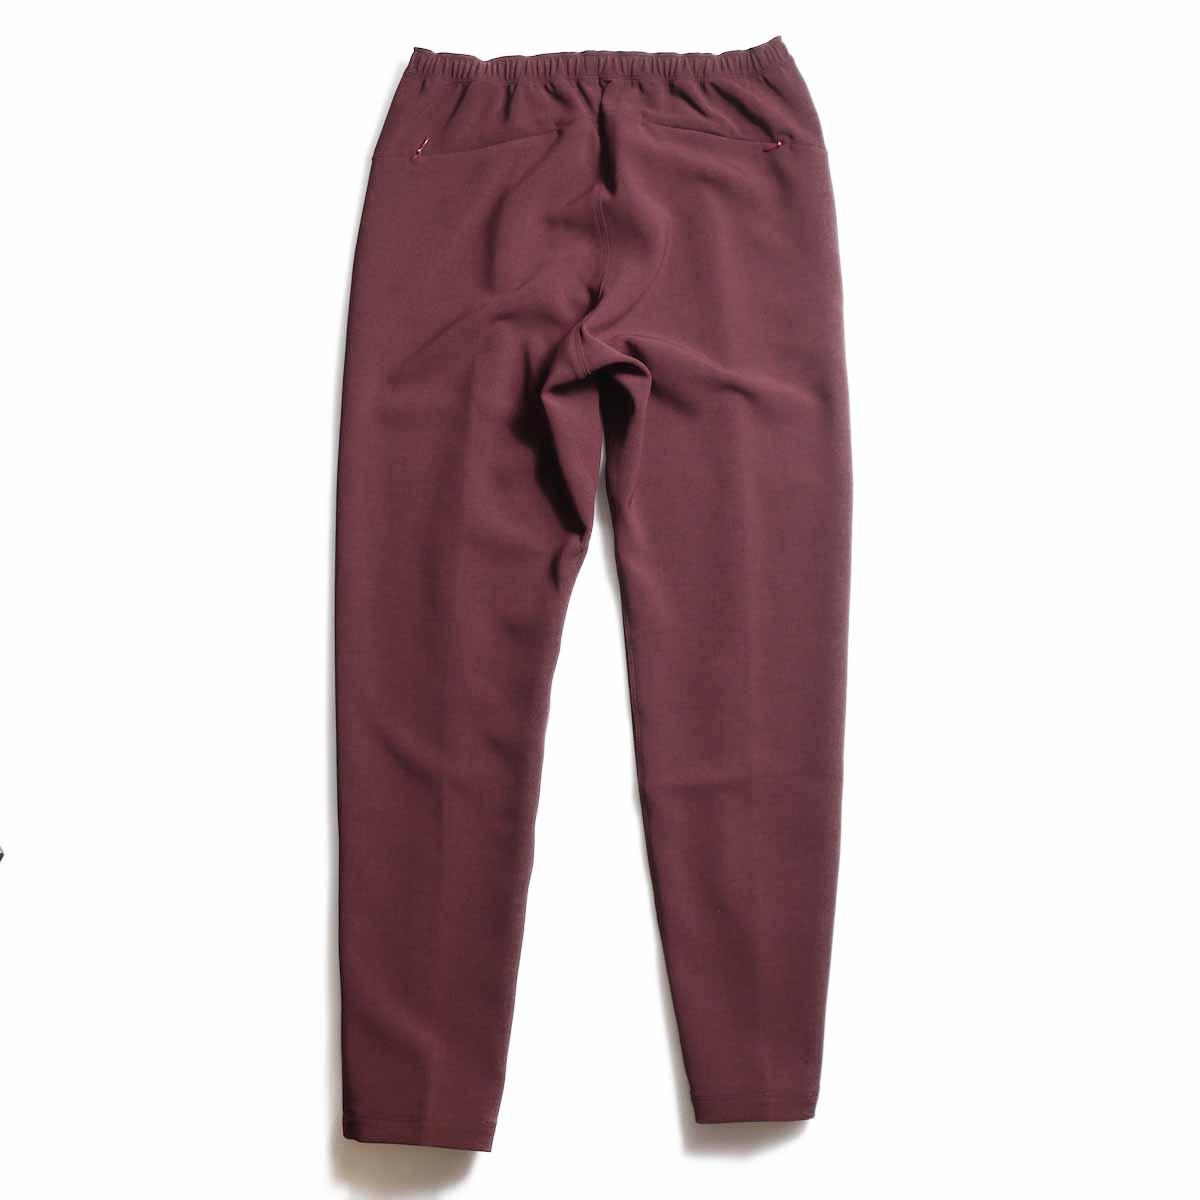 NEEDLES / Warm-Up Pant -Poly Double Cloth (Bordeaux) 背面